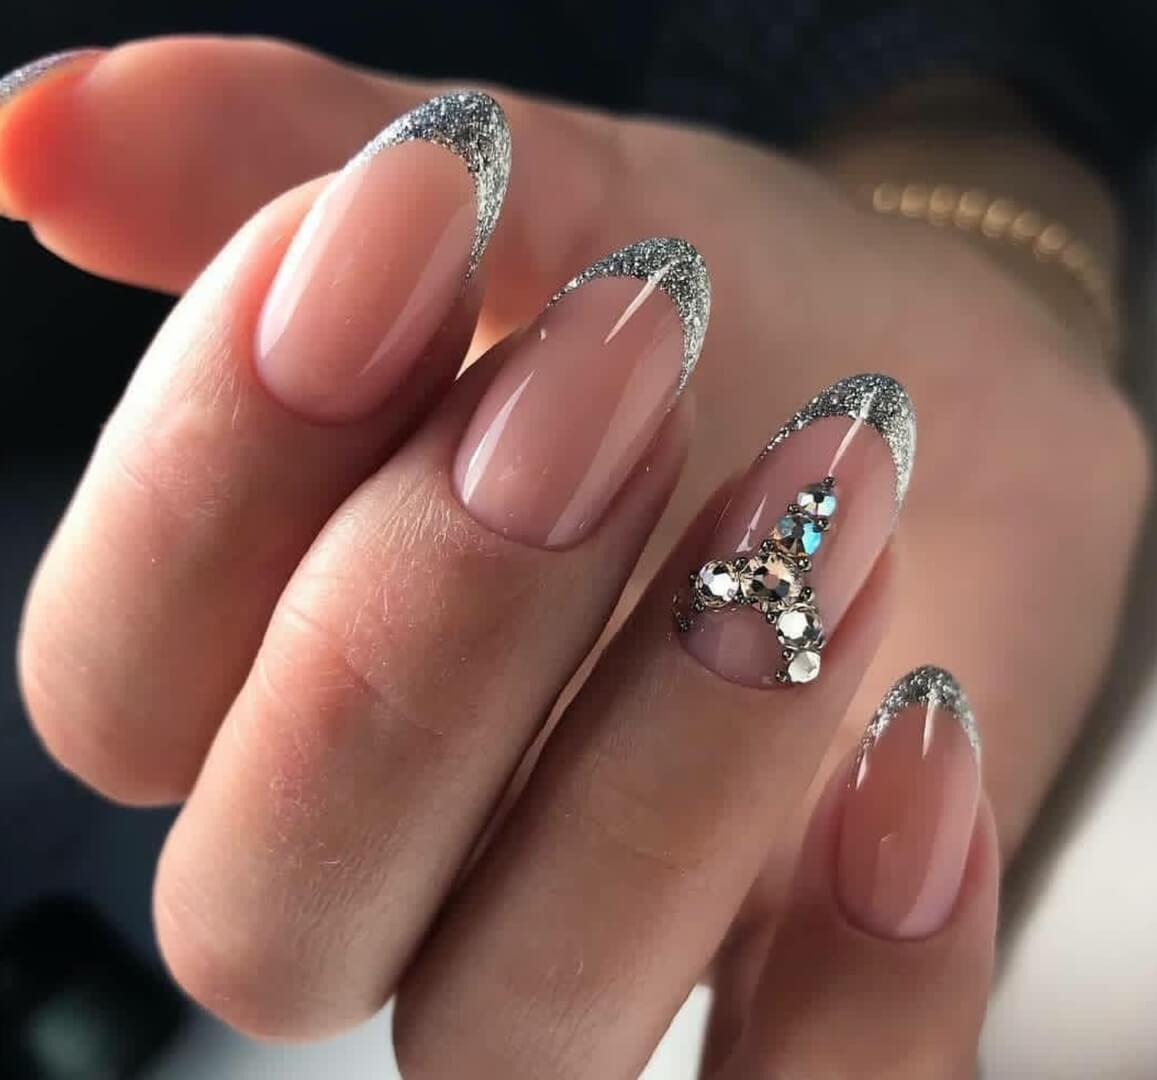 ногти нарощенные самые красивые дизайны фото жалеет девушка